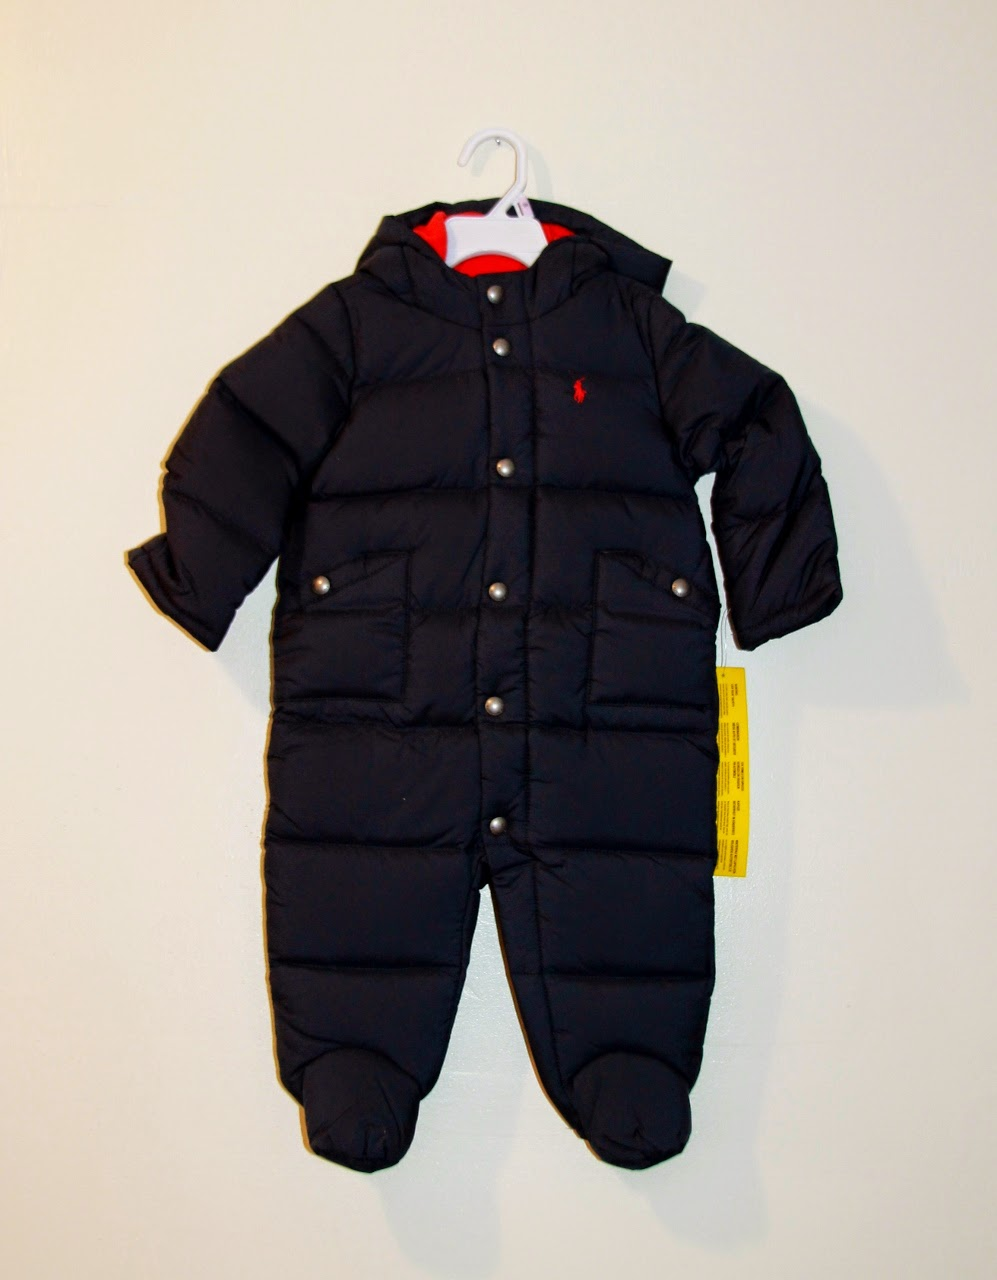 Ralph Lauren Baby Snowsuit Review